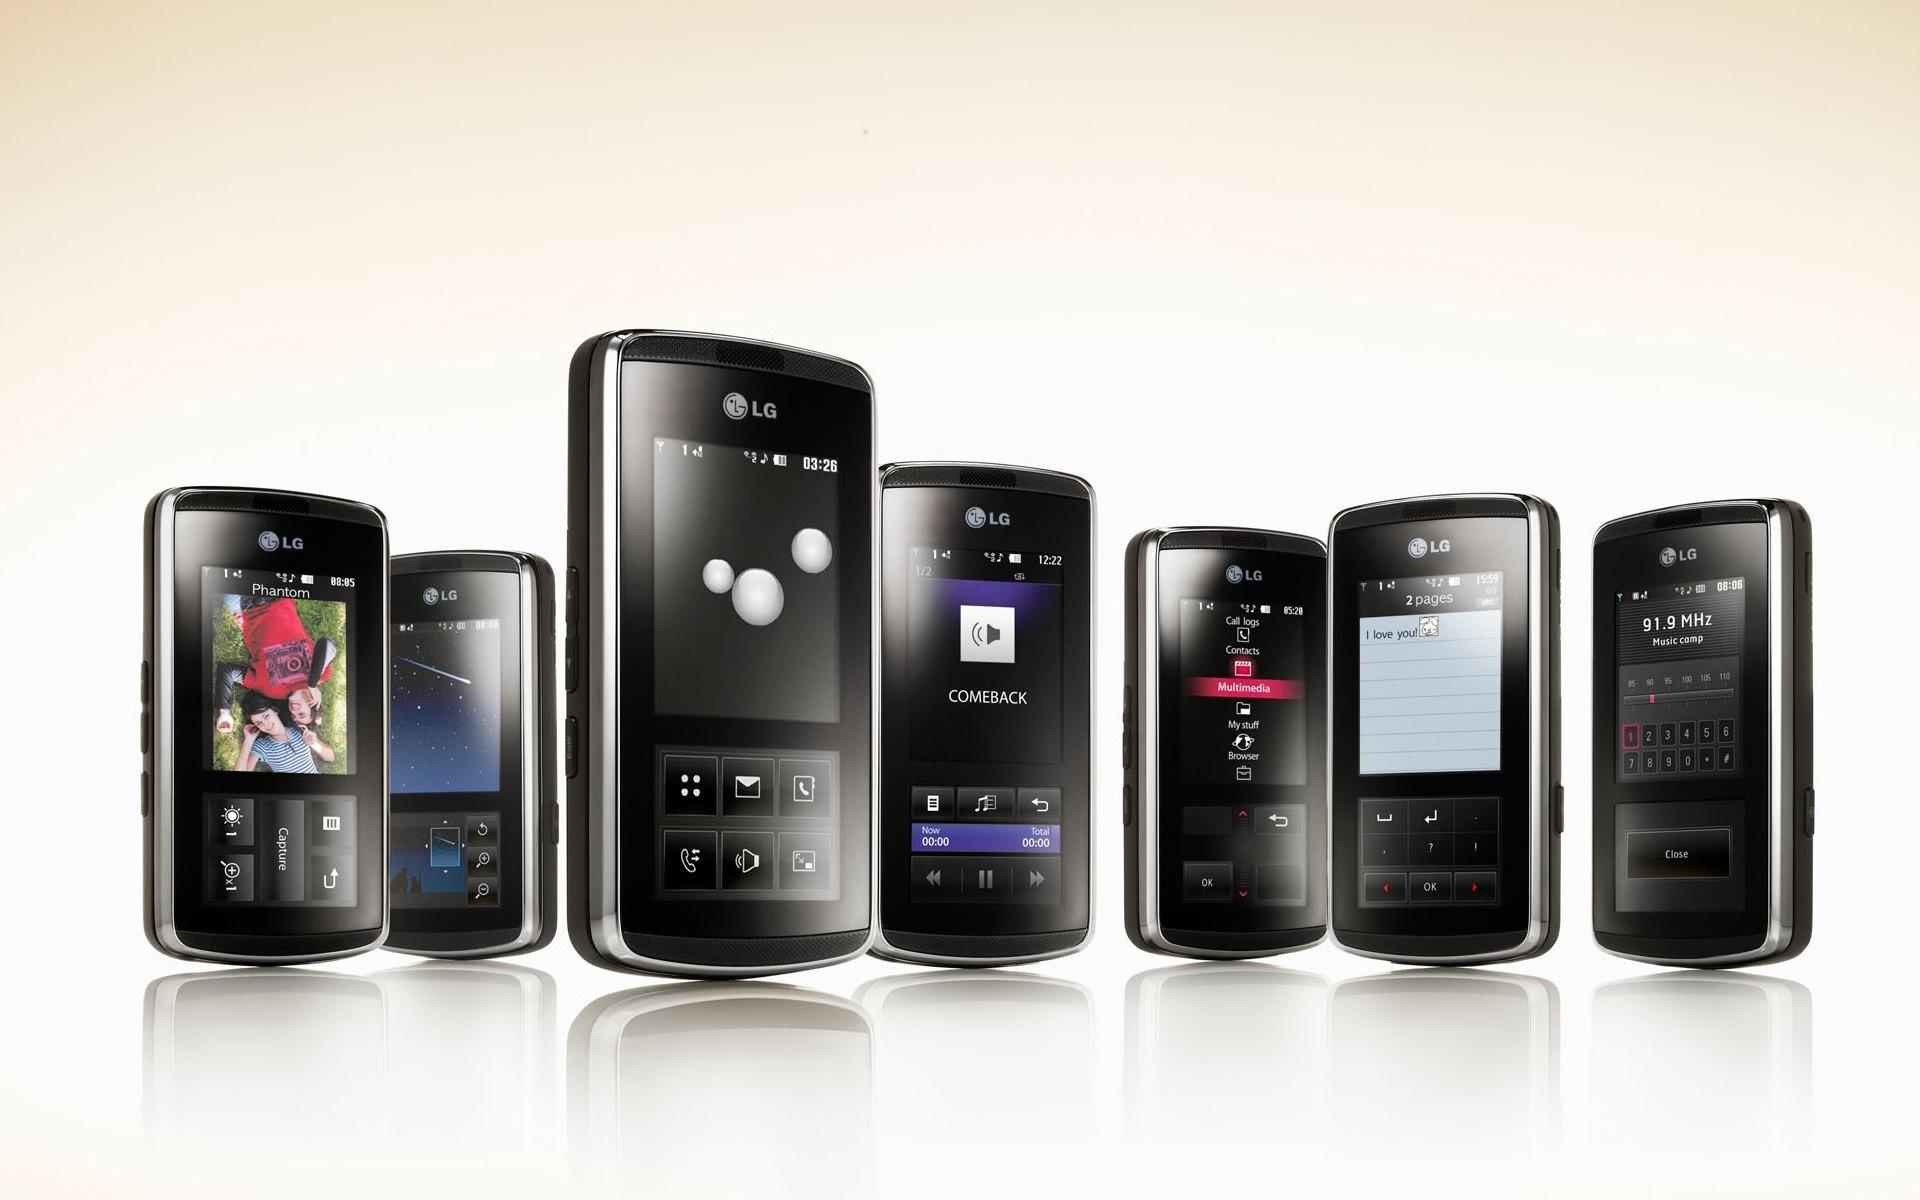 Обои с черным фоном и белой надписью для телефона текстуру можно